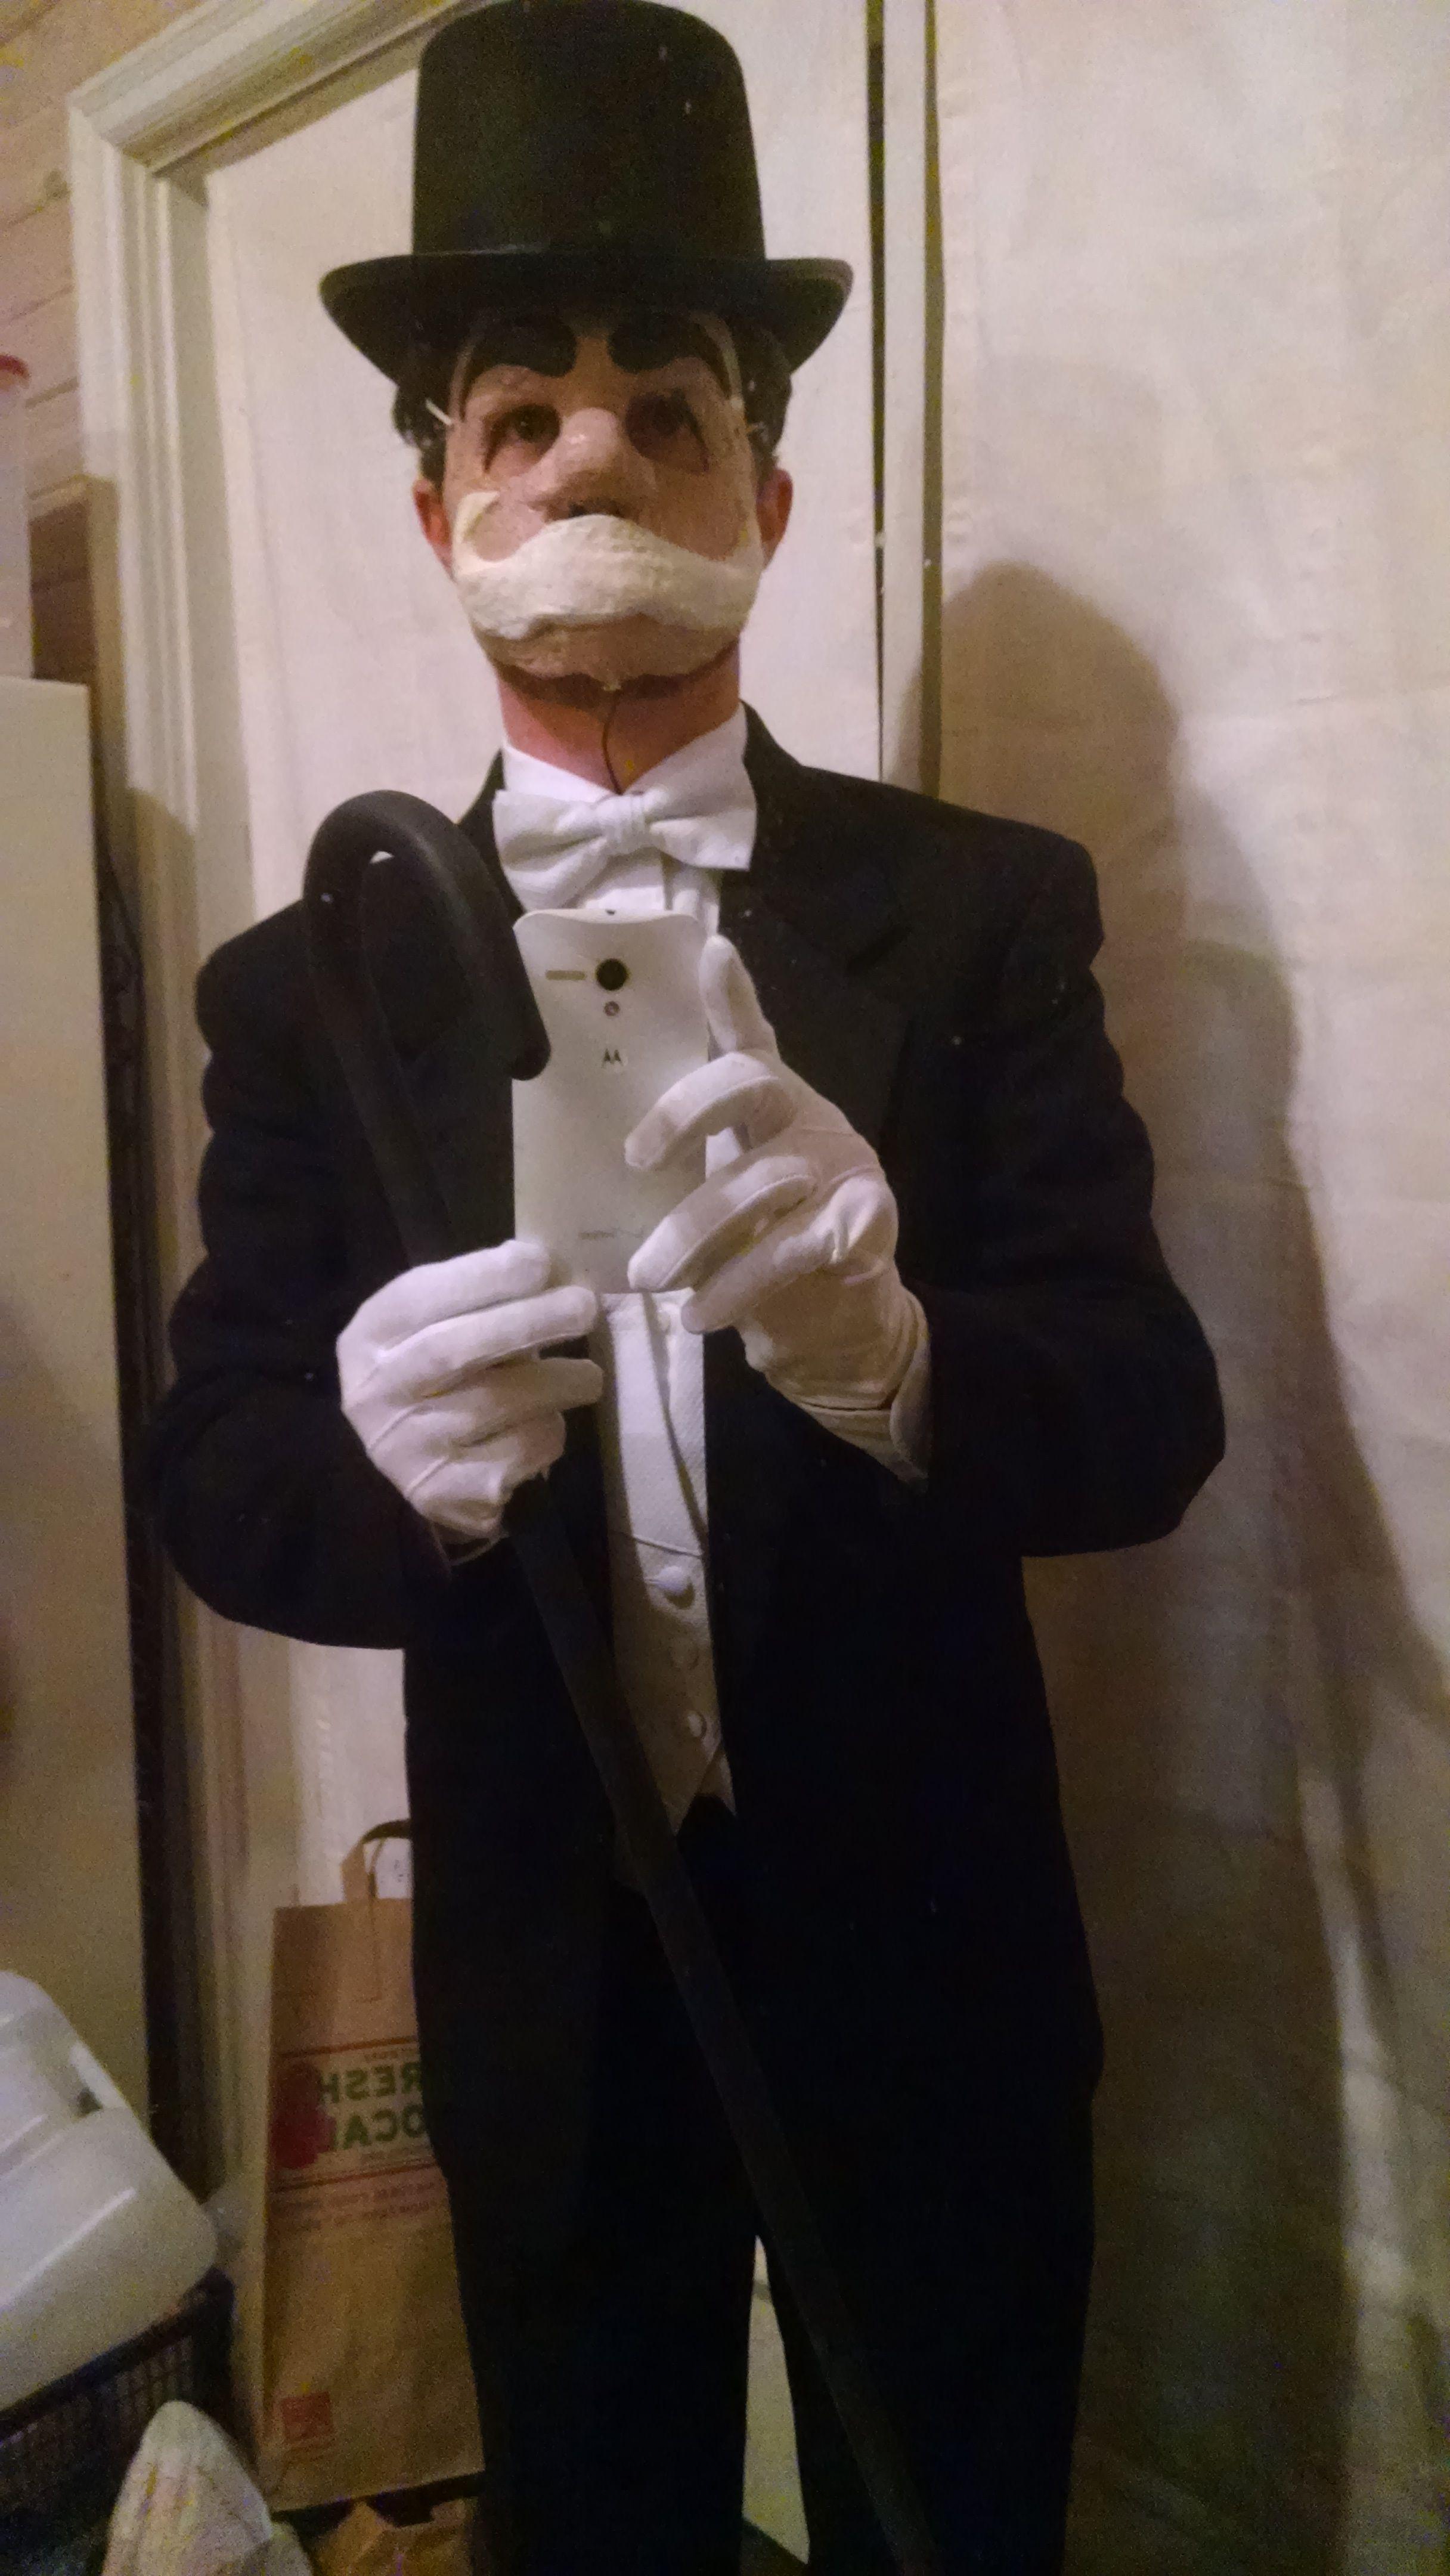 [No Spoilers] My Halloween costume #mrrobot #tv